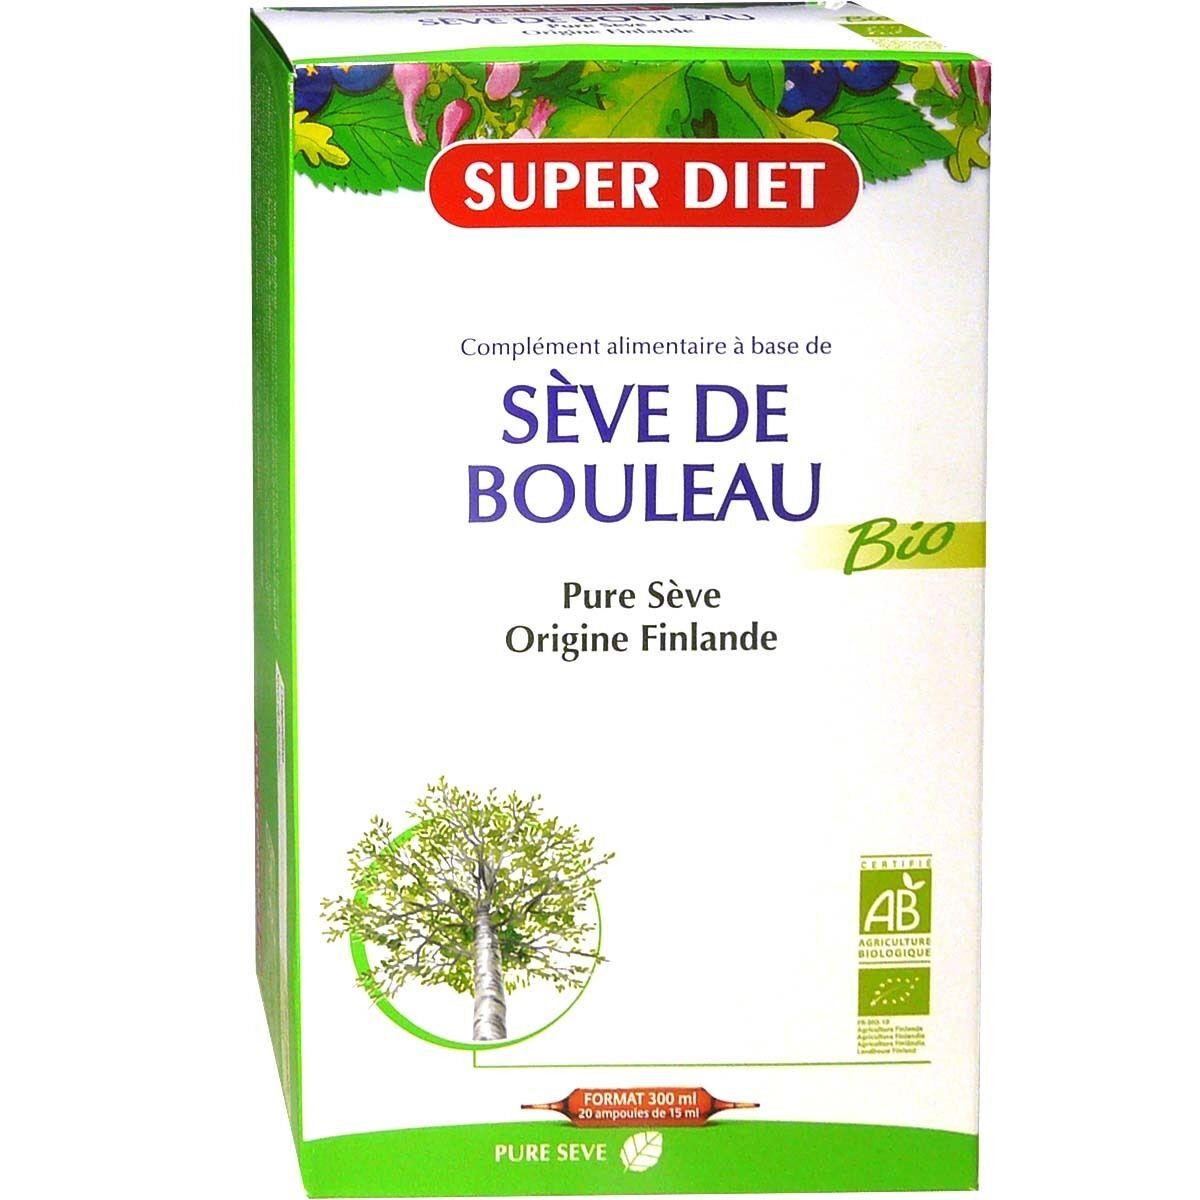 Super diet pure seve de bouleau bio 20 ampoules de 15ml